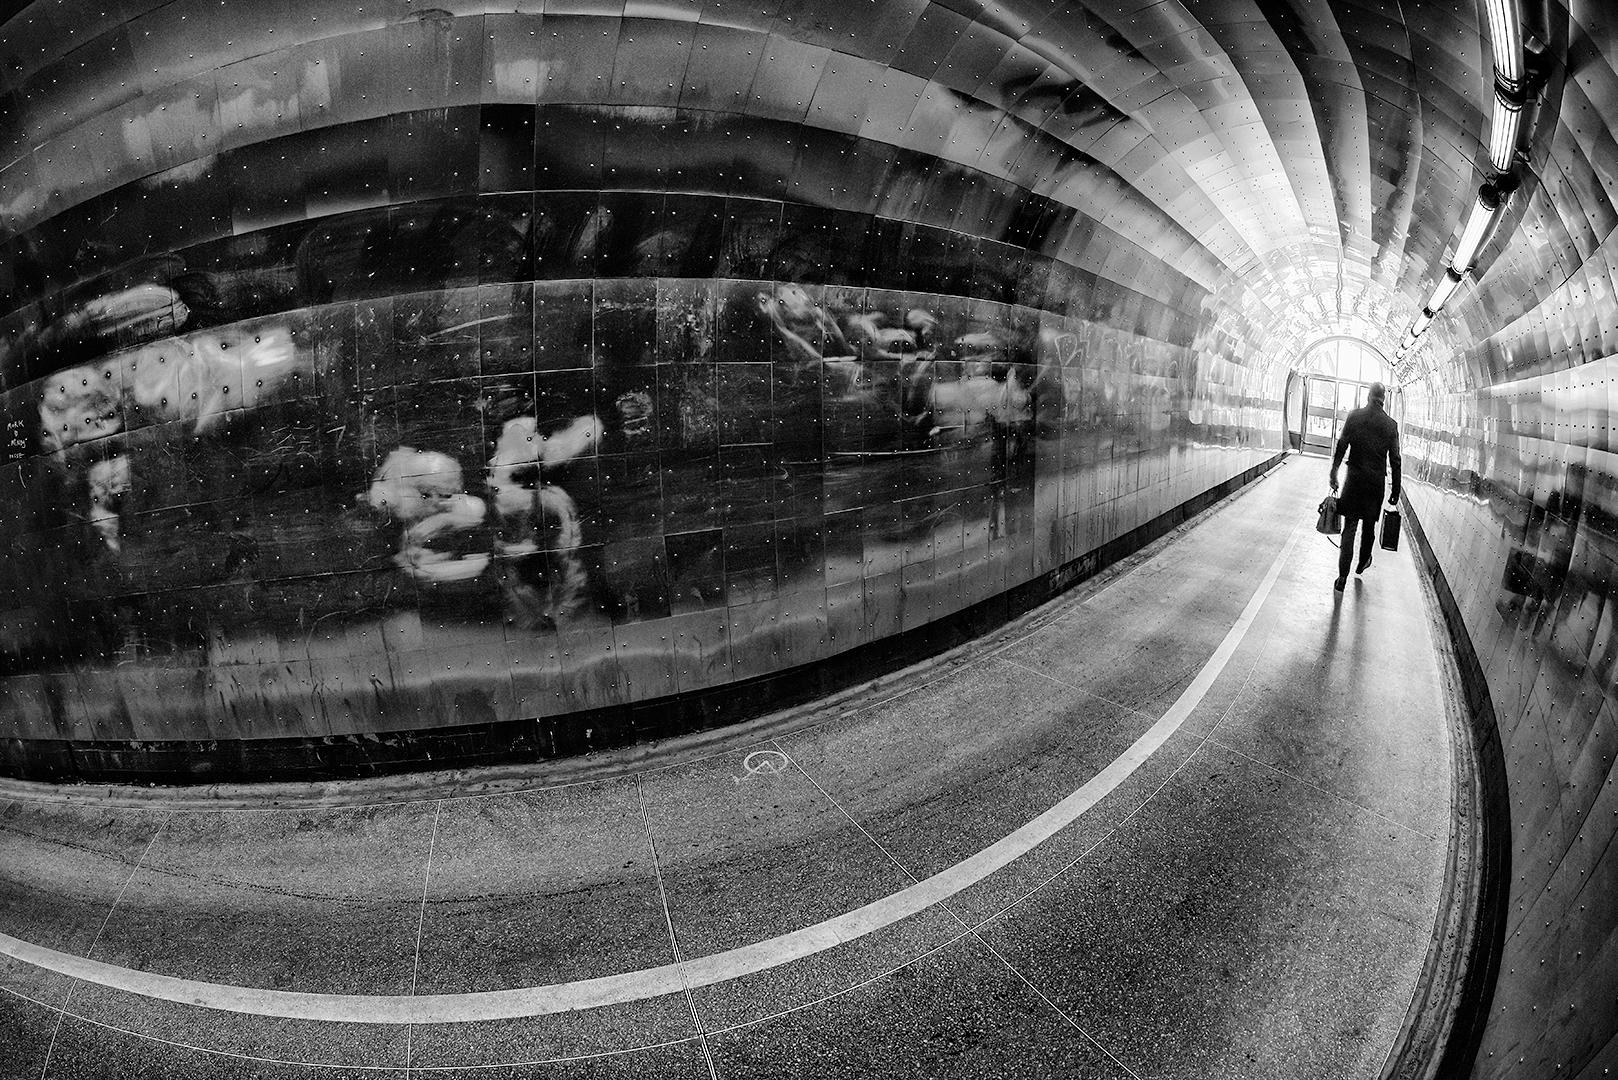 Towards the light, Mats Grimfoot